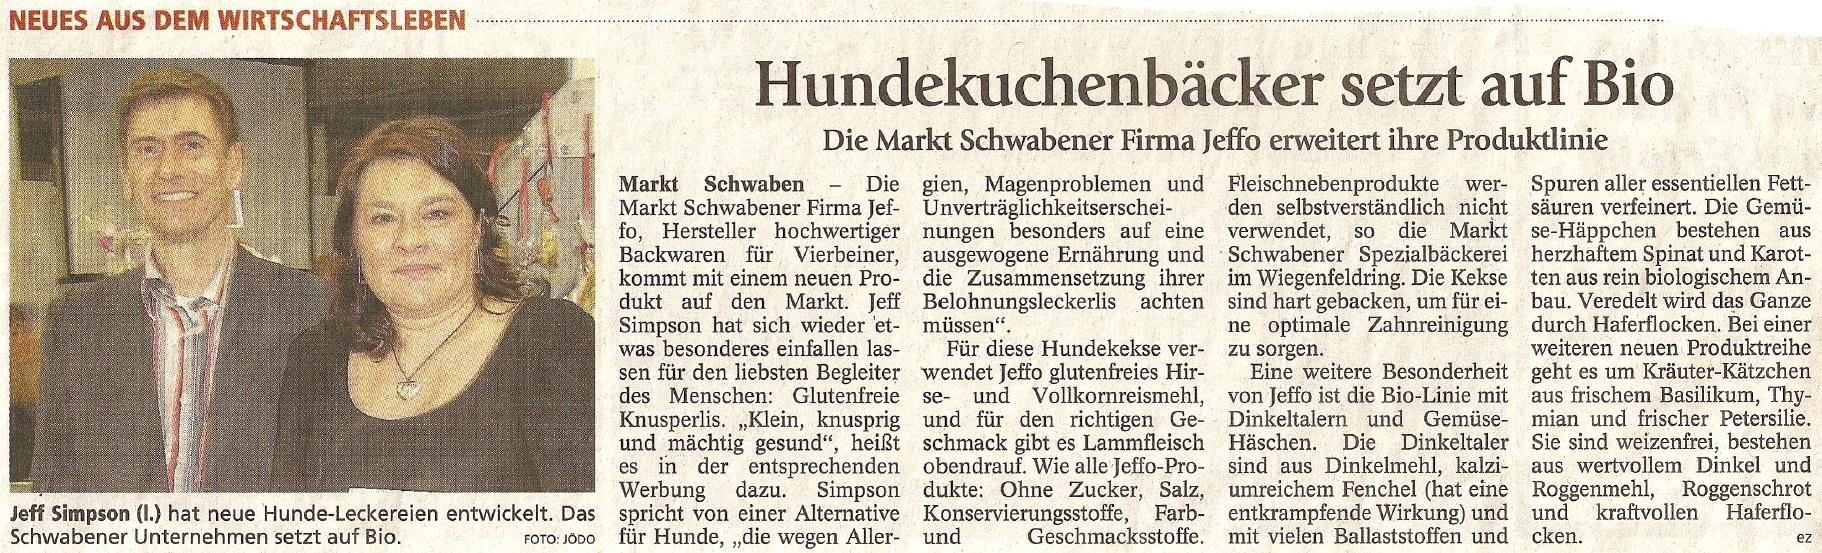 Presseschau Münchner Merkur